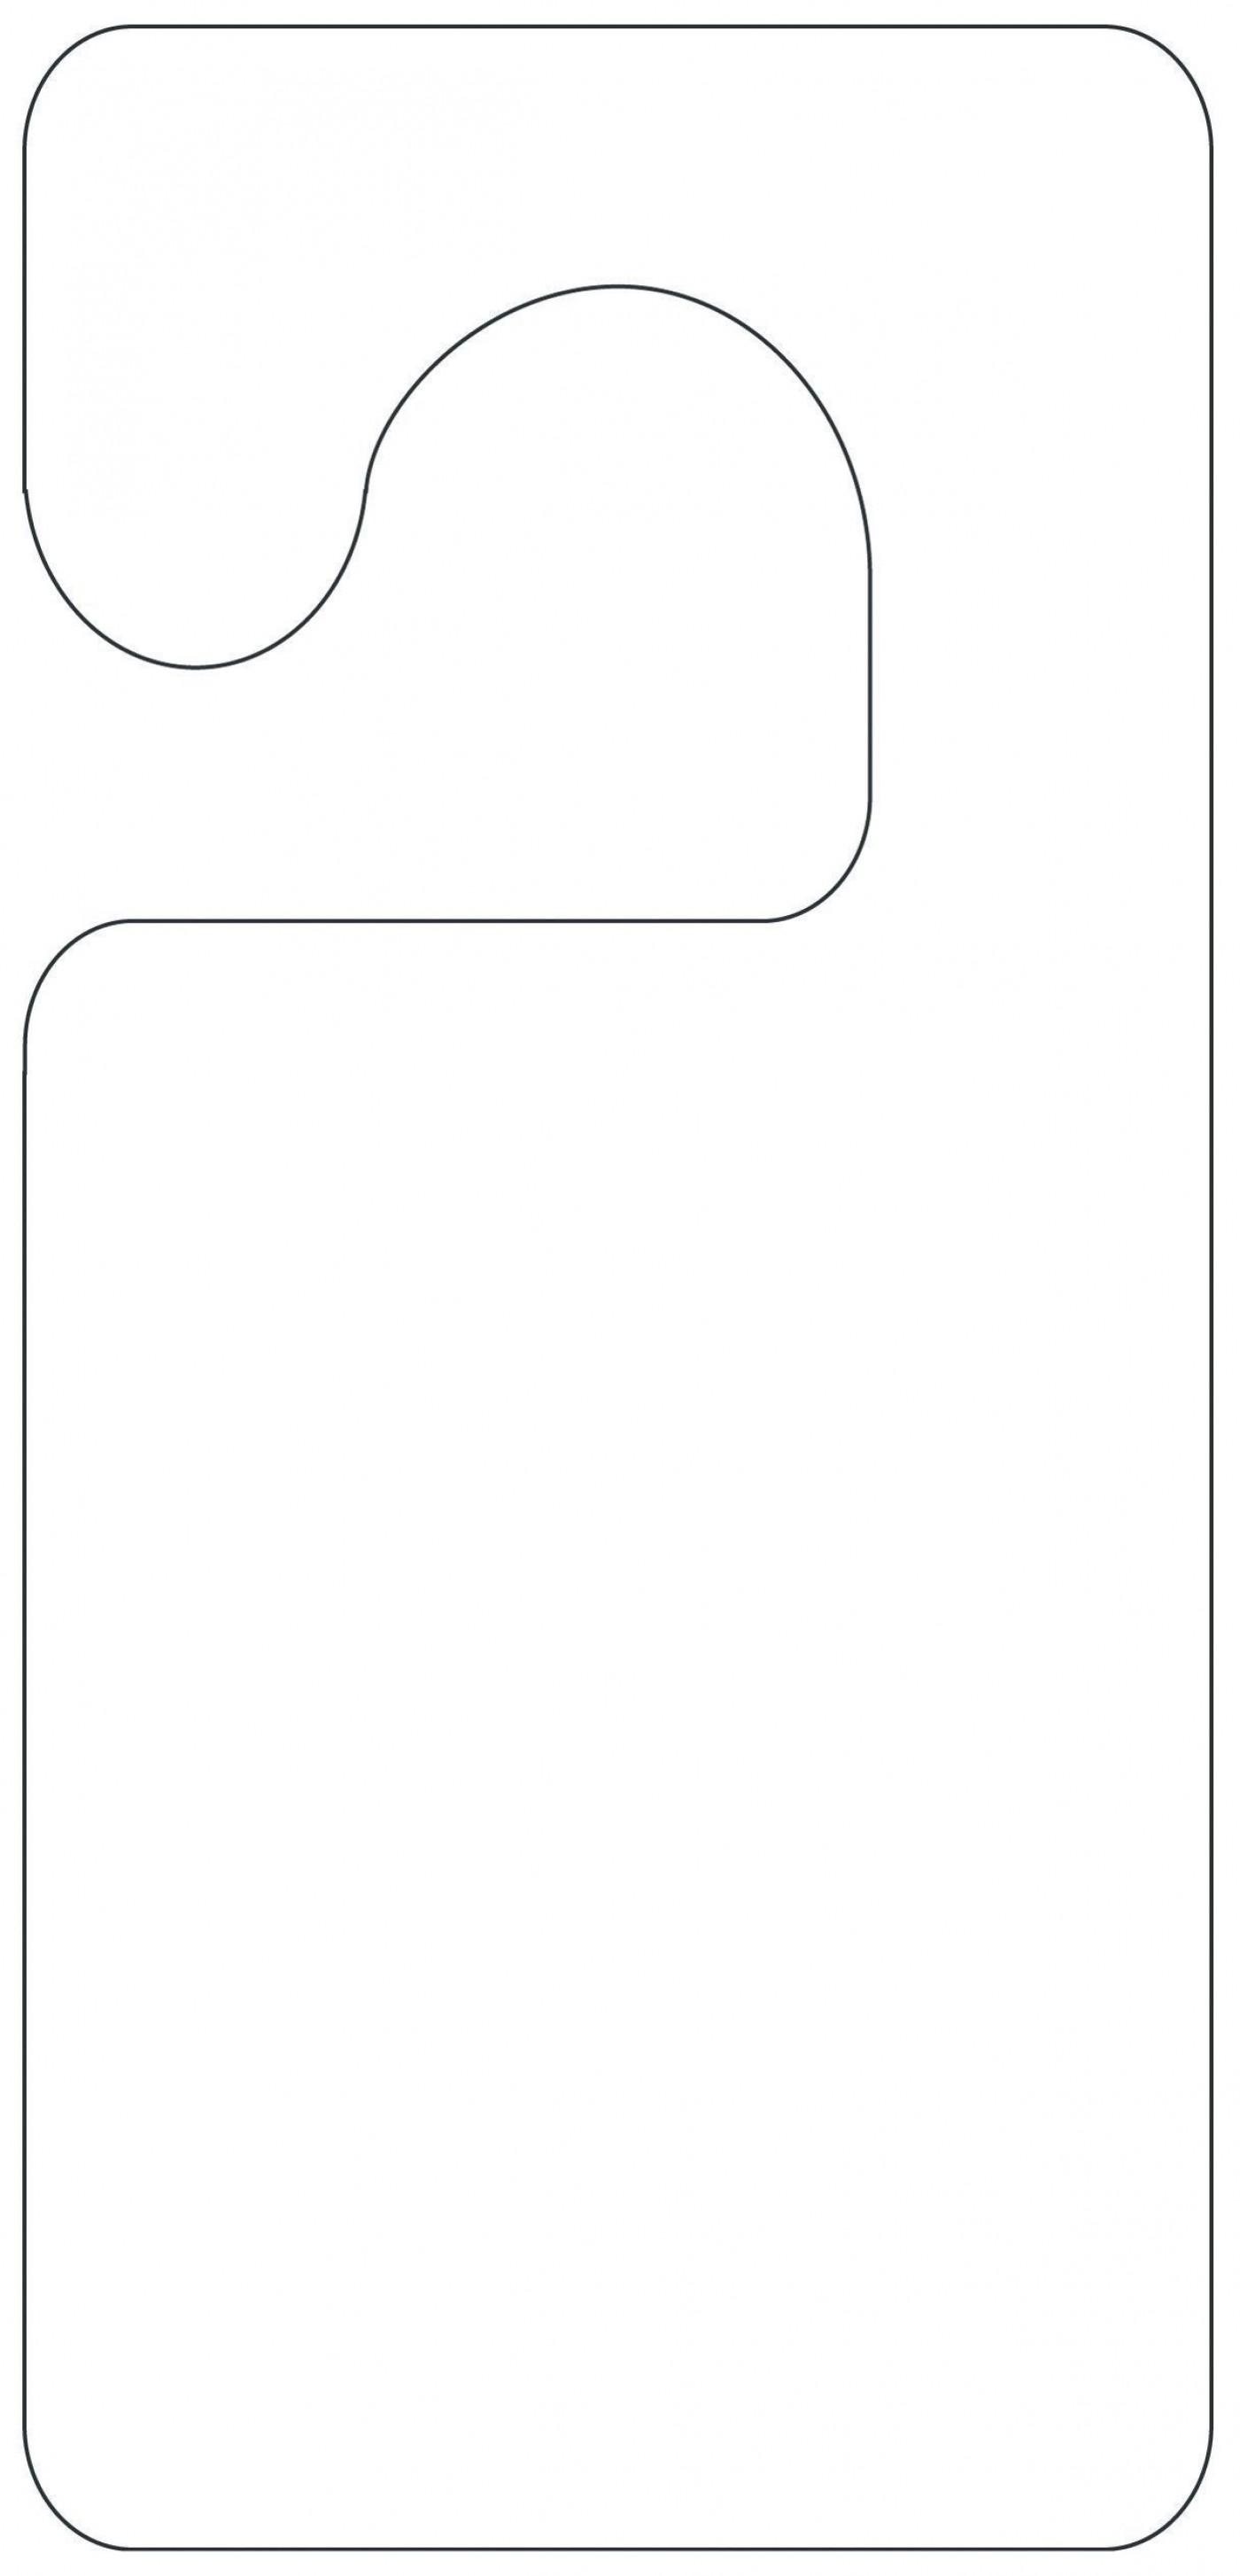 004 Unforgettable Blank Door Hanger Template Free Example 1400